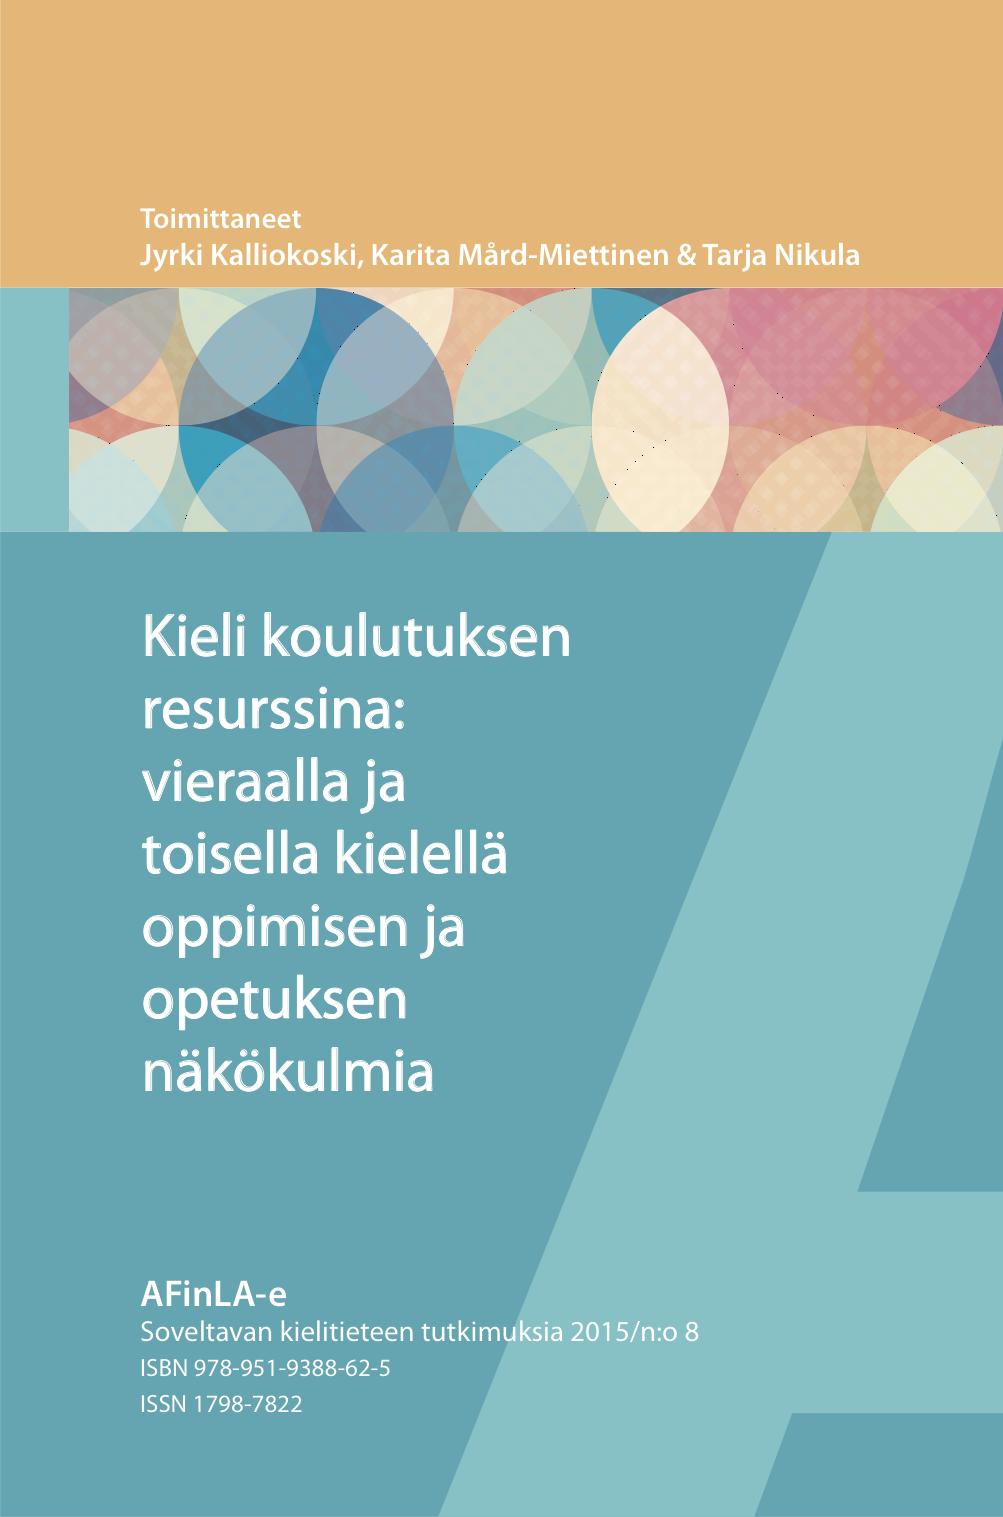 Kieli koulutuksen resurssina: vieraalla ja toisella kielellä oppimisen ja opetuksen näkökulmia